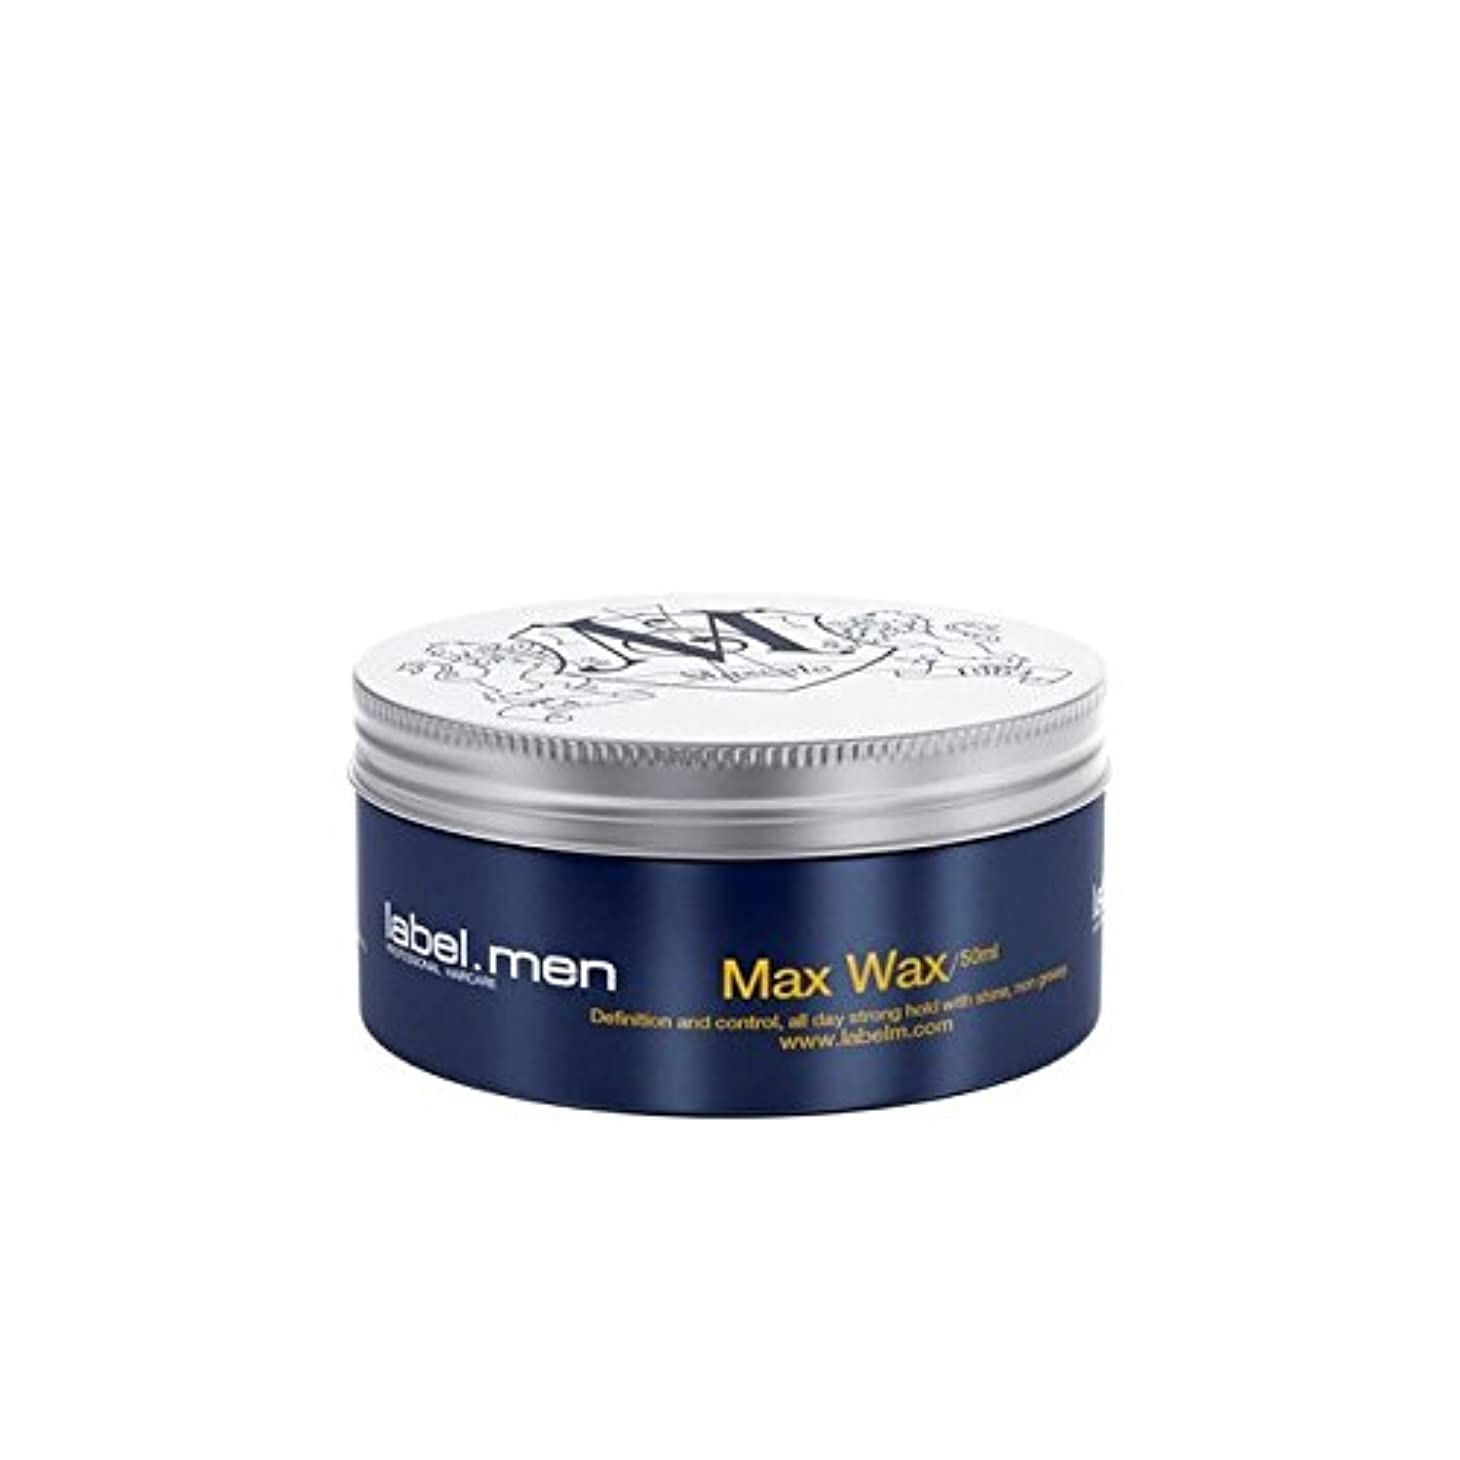 なめるストリーム地下鉄Label.Men Max Wax (50ml) - .マックスワックス(50ミリリットル) [並行輸入品]